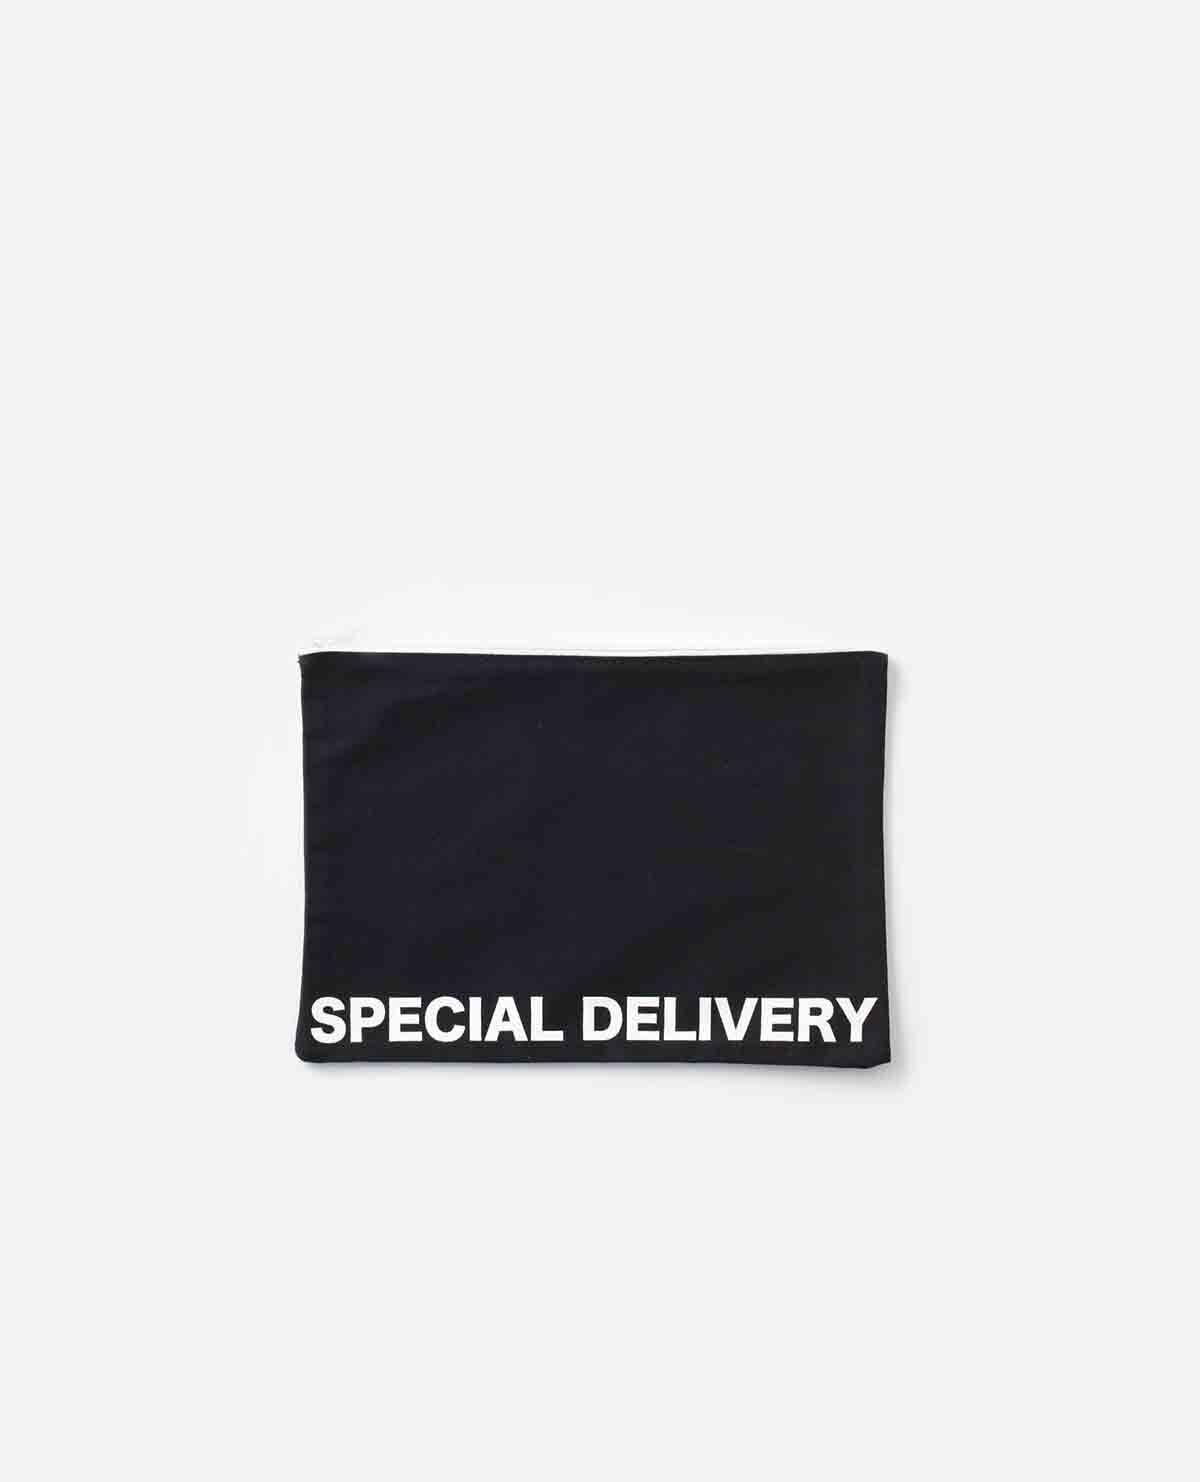 ブラック 3サイズポーチセット BOXS